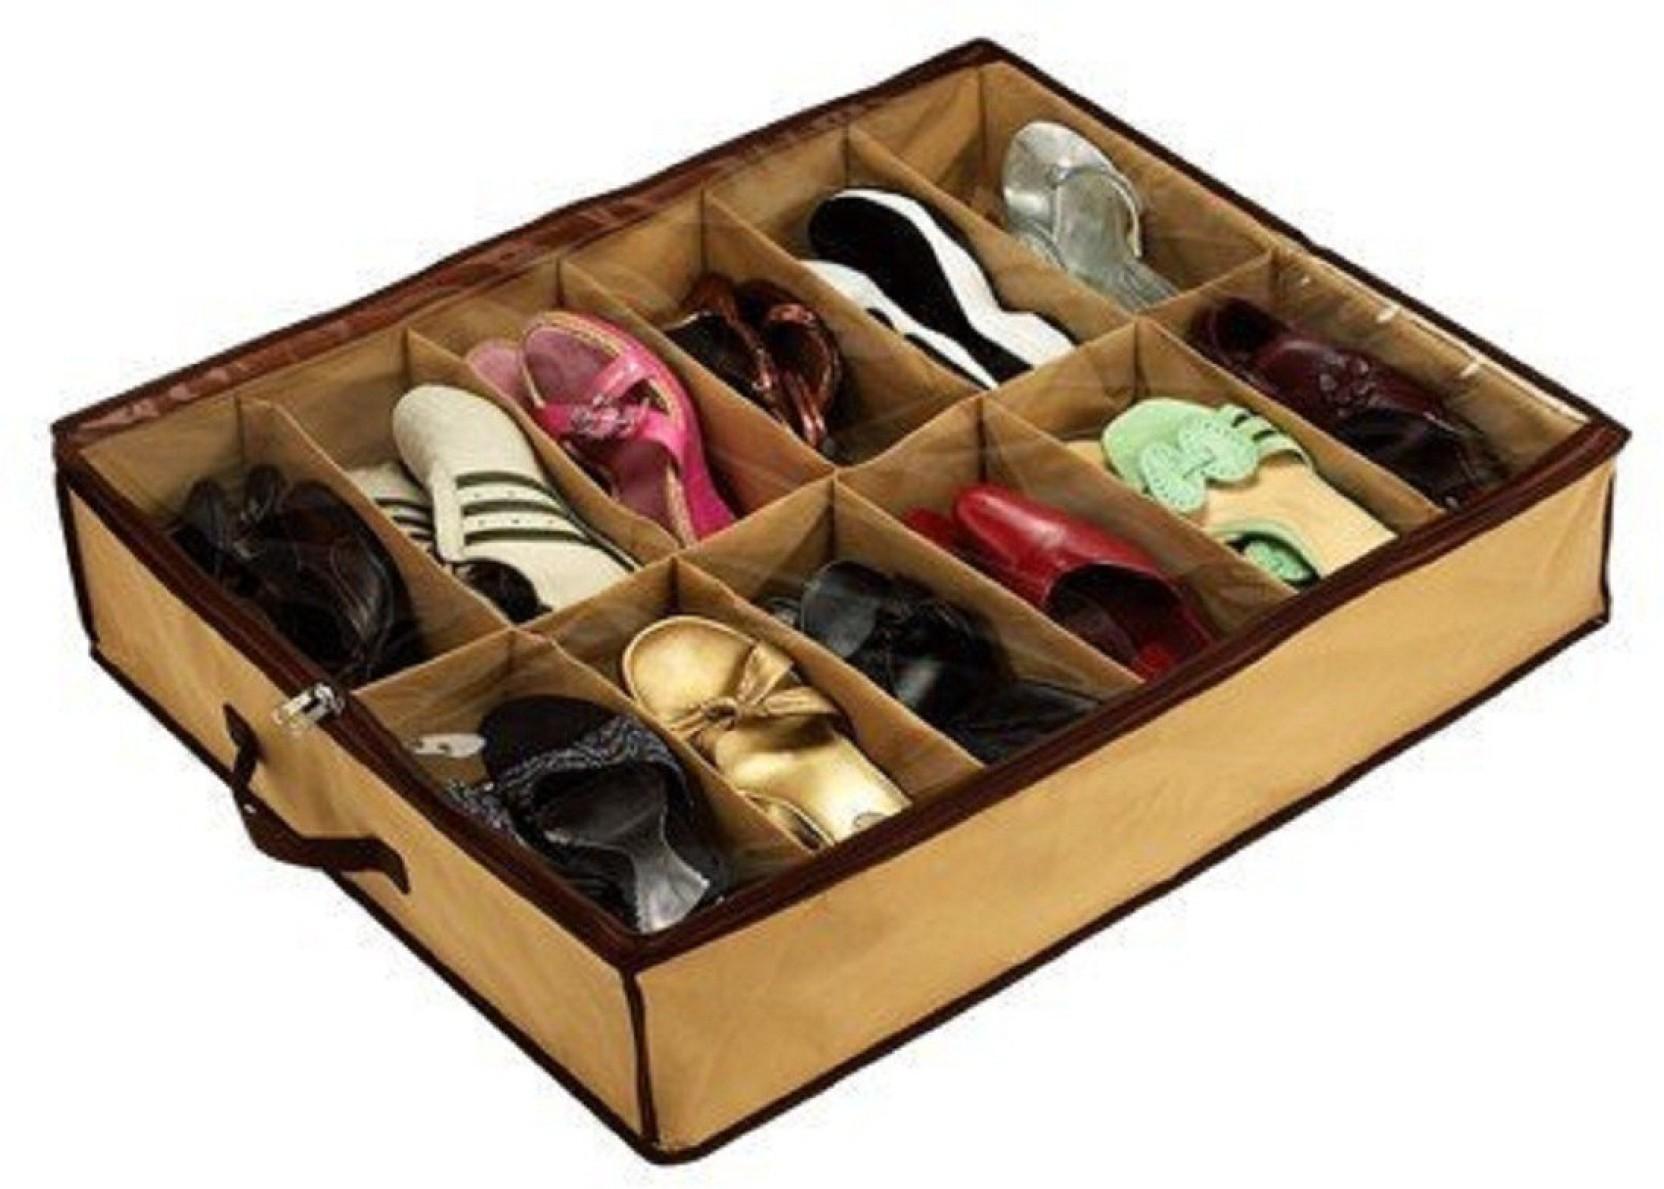 Maison Cuisine 12 Pair Under Bed Shoe Organizer Shoes Organizer